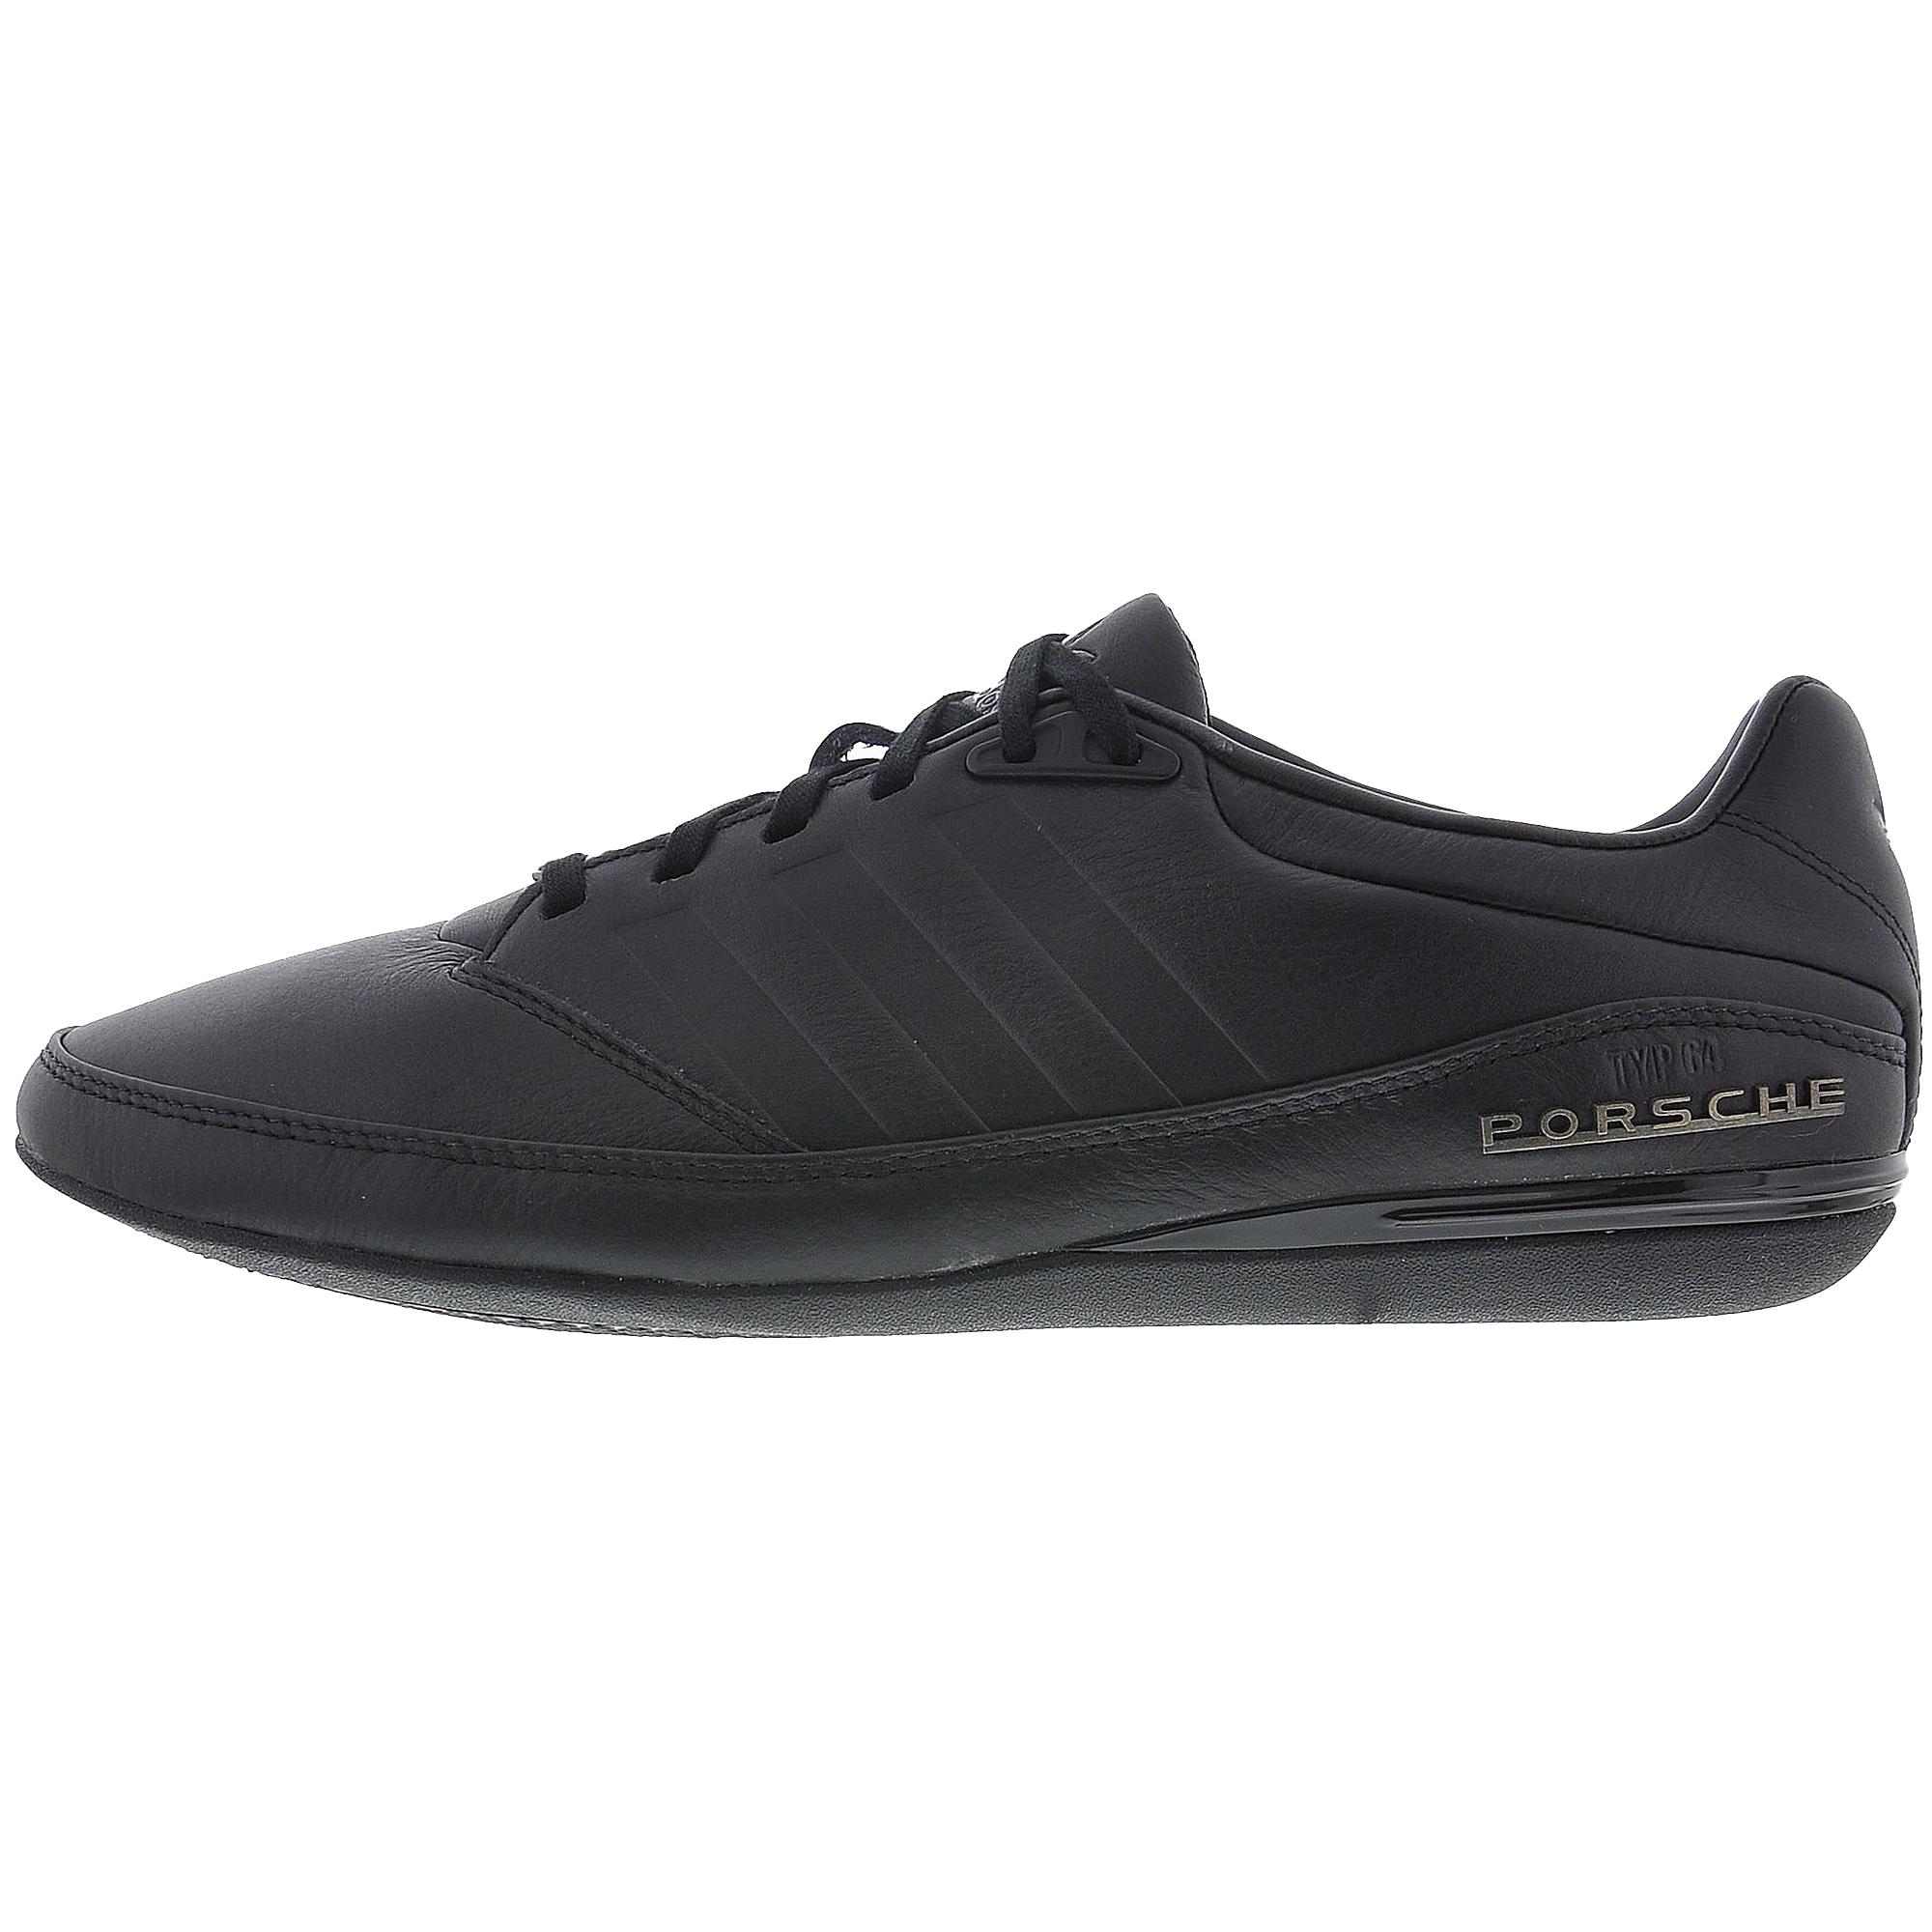 hot sale online 03f20 f5e0c ... denmark adidas porsche typ 64 2.0 co erkek spor ayakkab 24baa 3e7d7